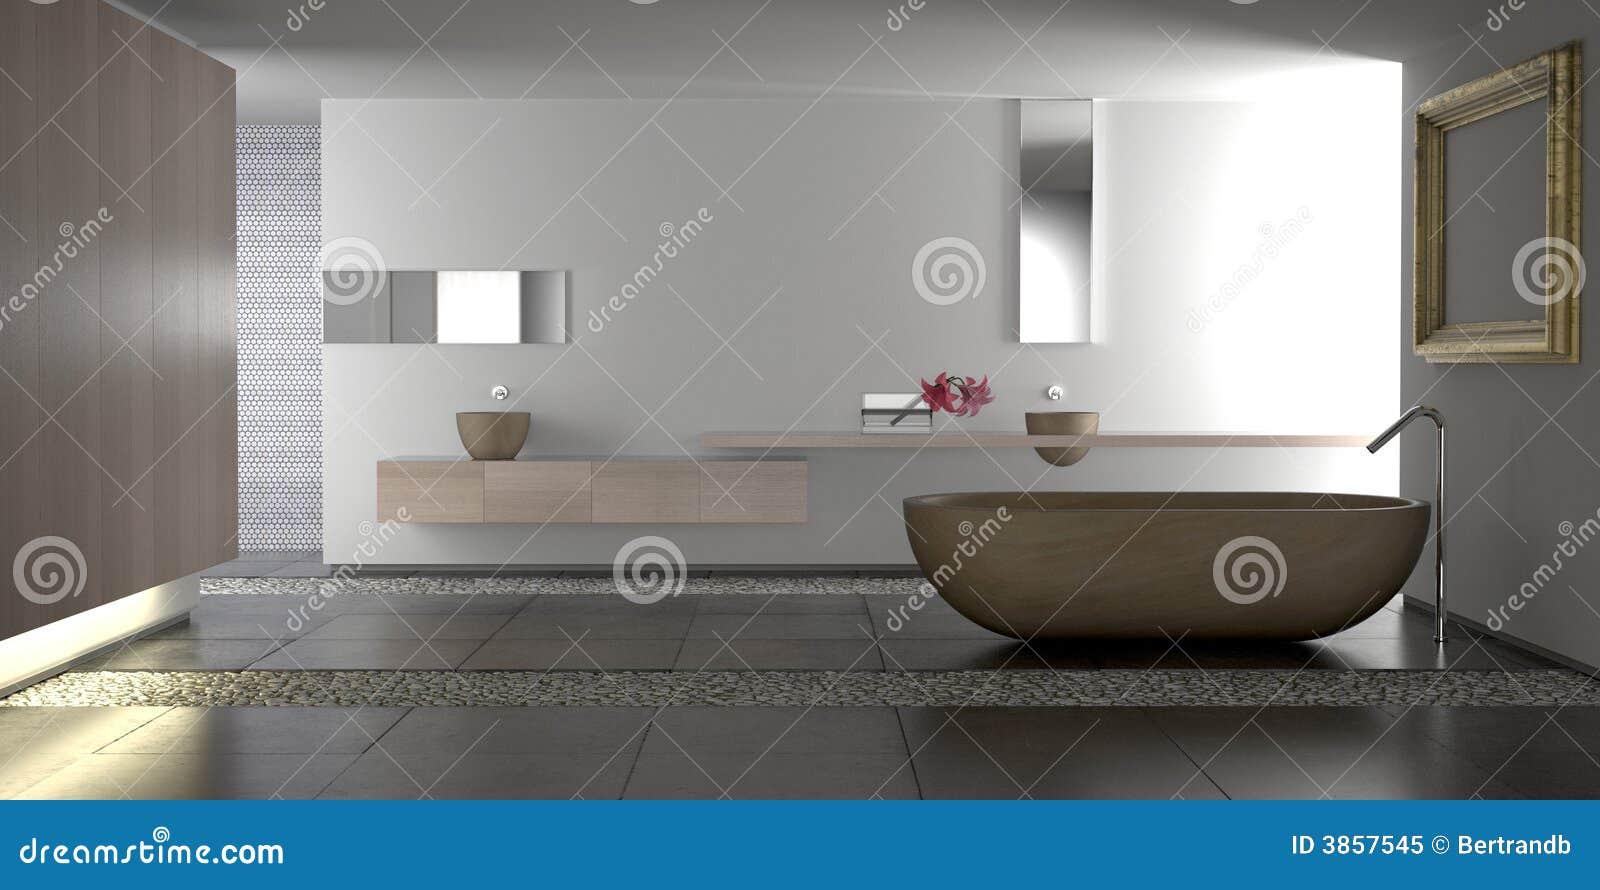 Salle de bains moderne de luxe photo libre de droits for Photos salle de bains modernes